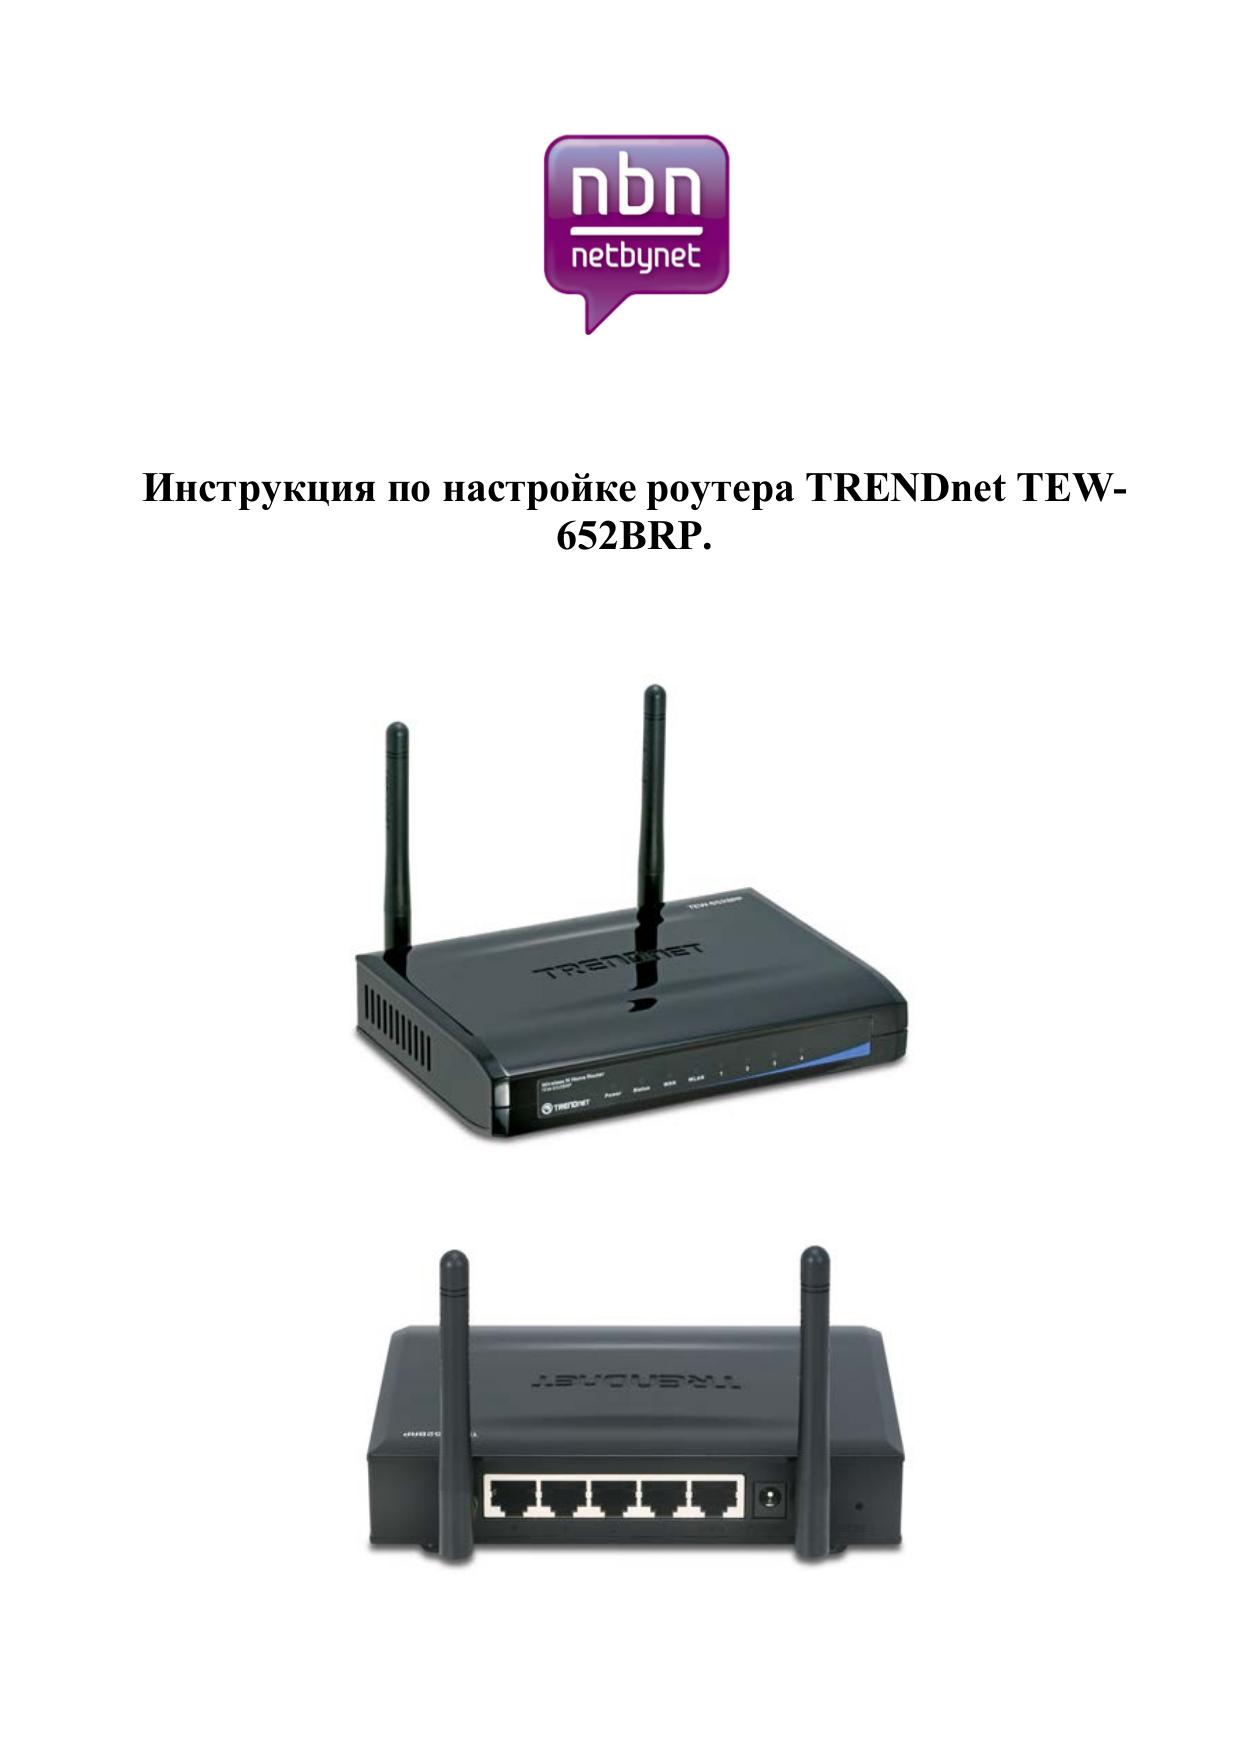 trendnet tew-652brp manual pdf